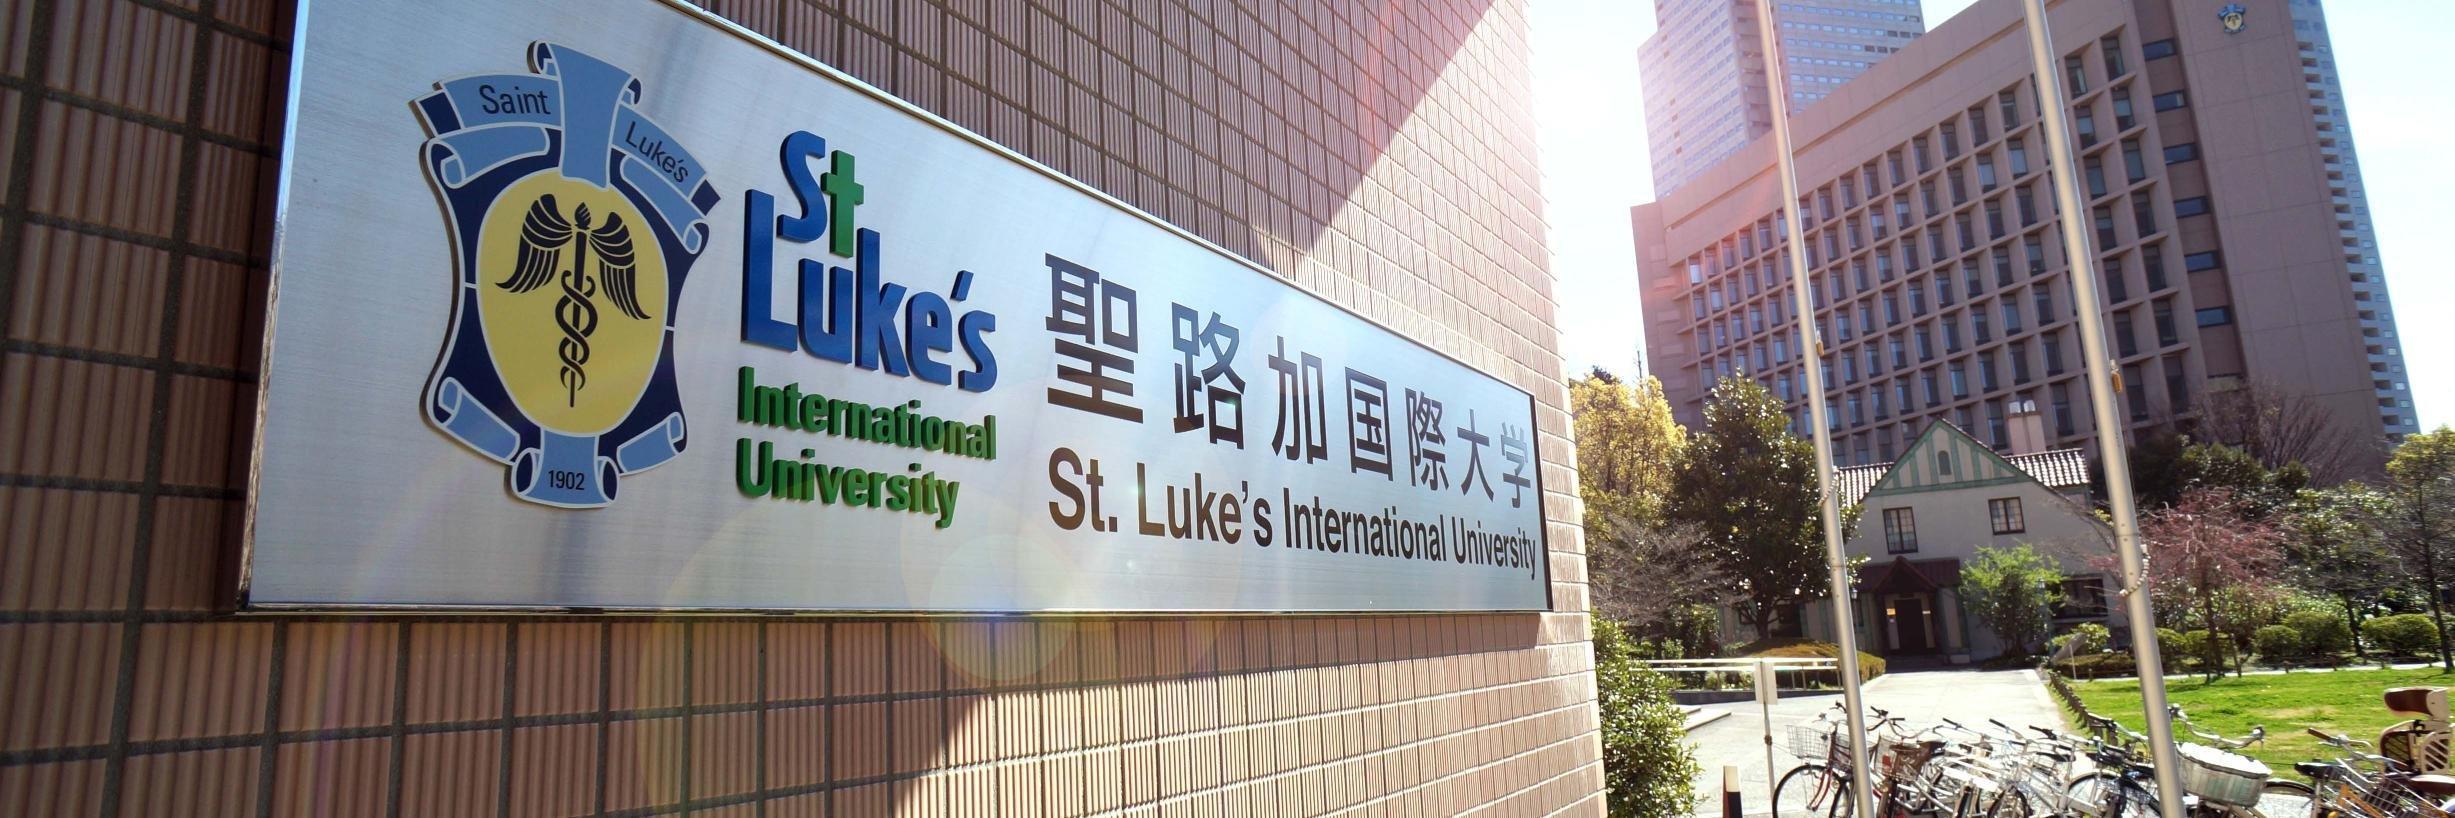 St. Luke's International University's official Twitter account